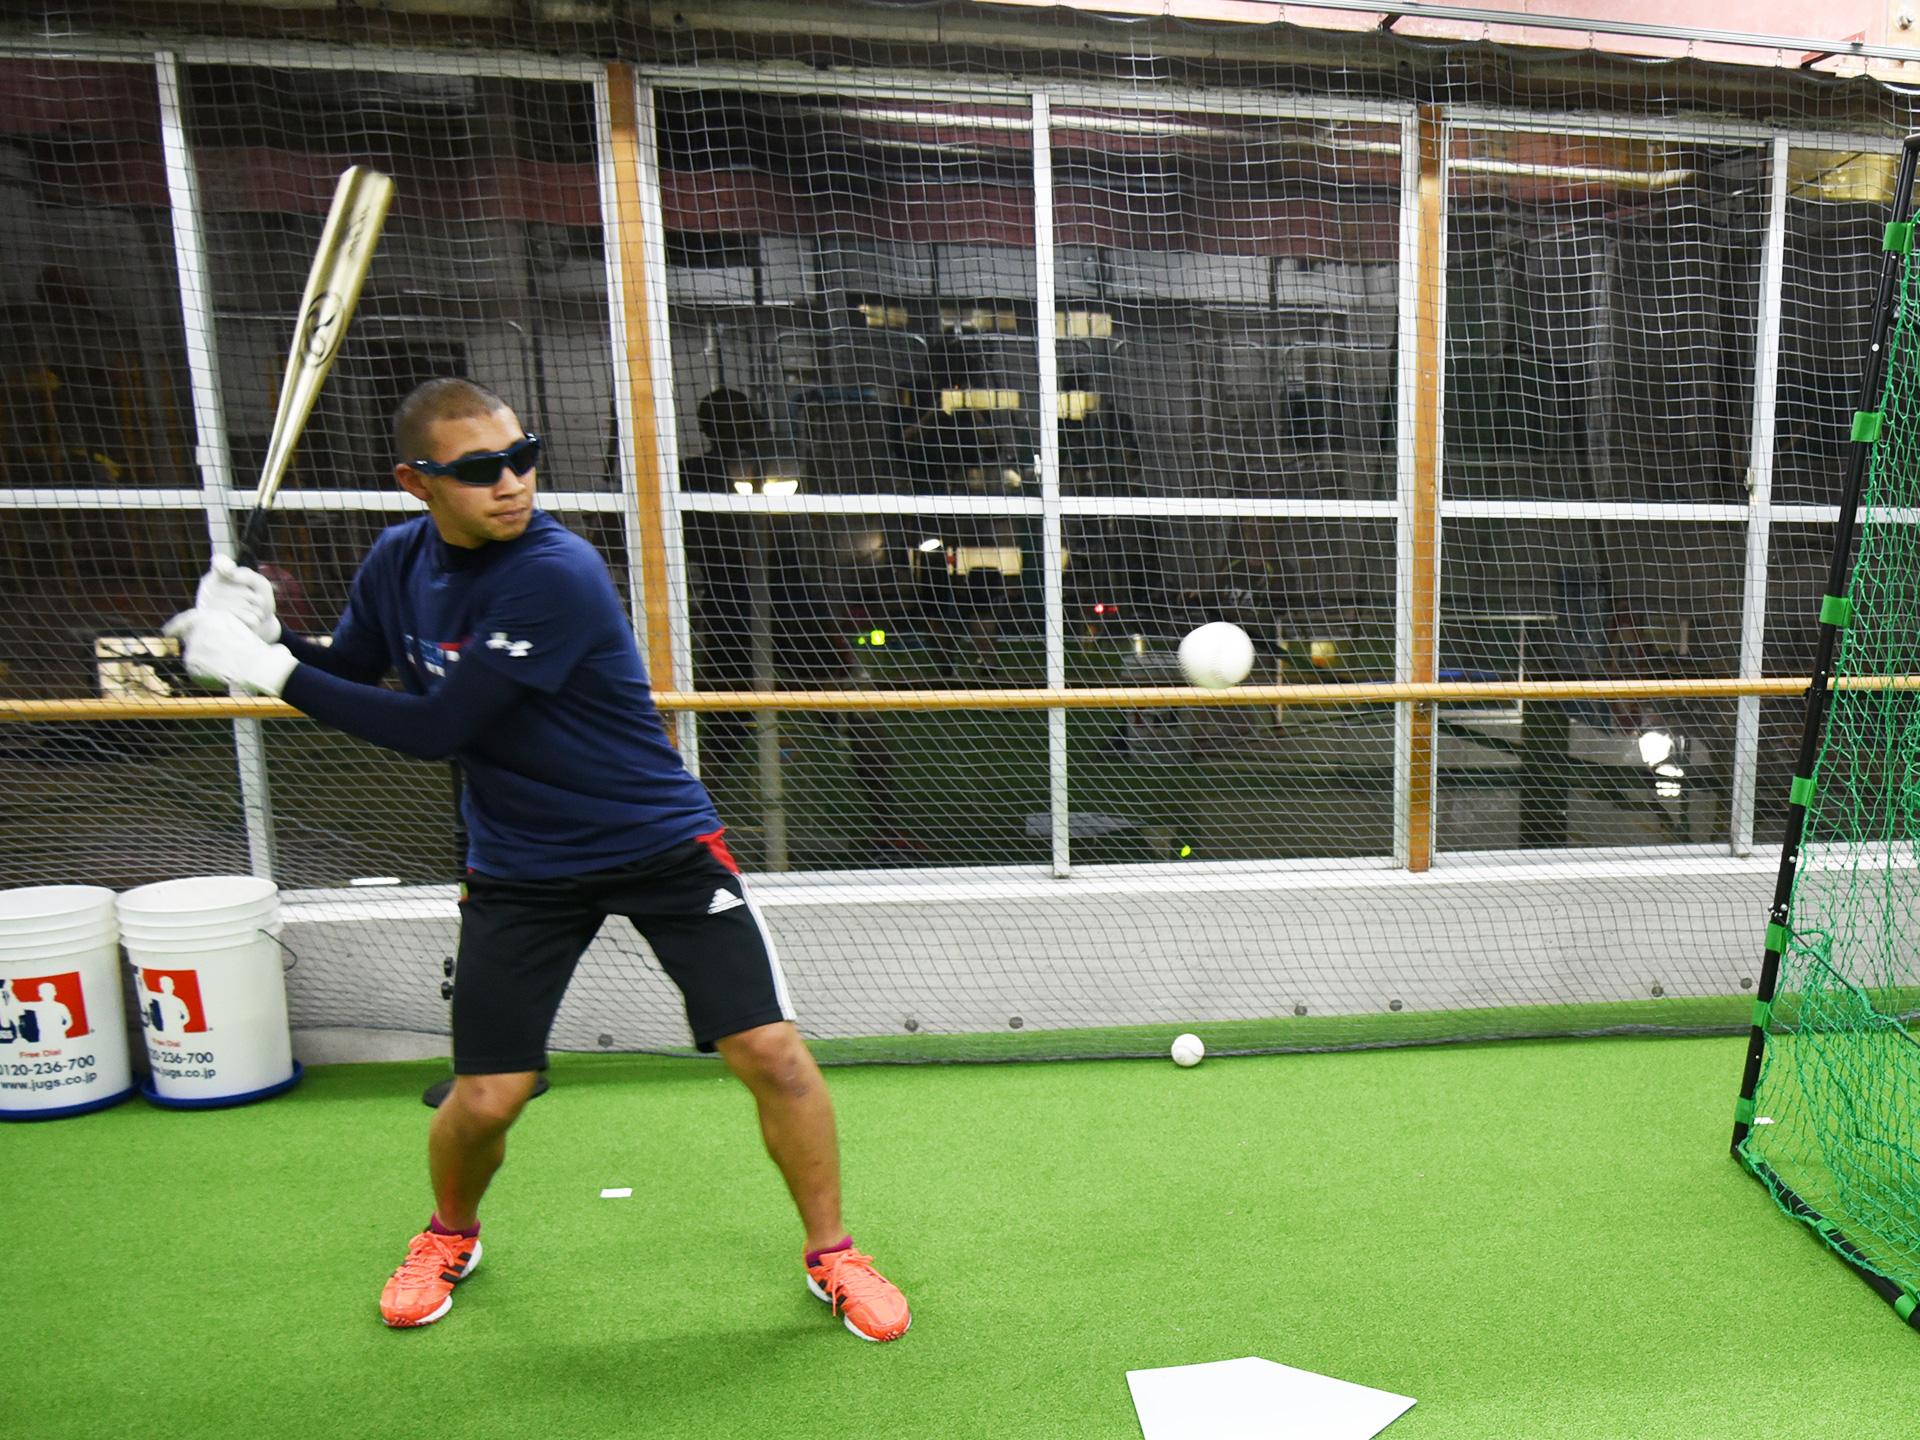 動体視力メガネ「ビジョナップ」を使って出来るトレーニングまとめ